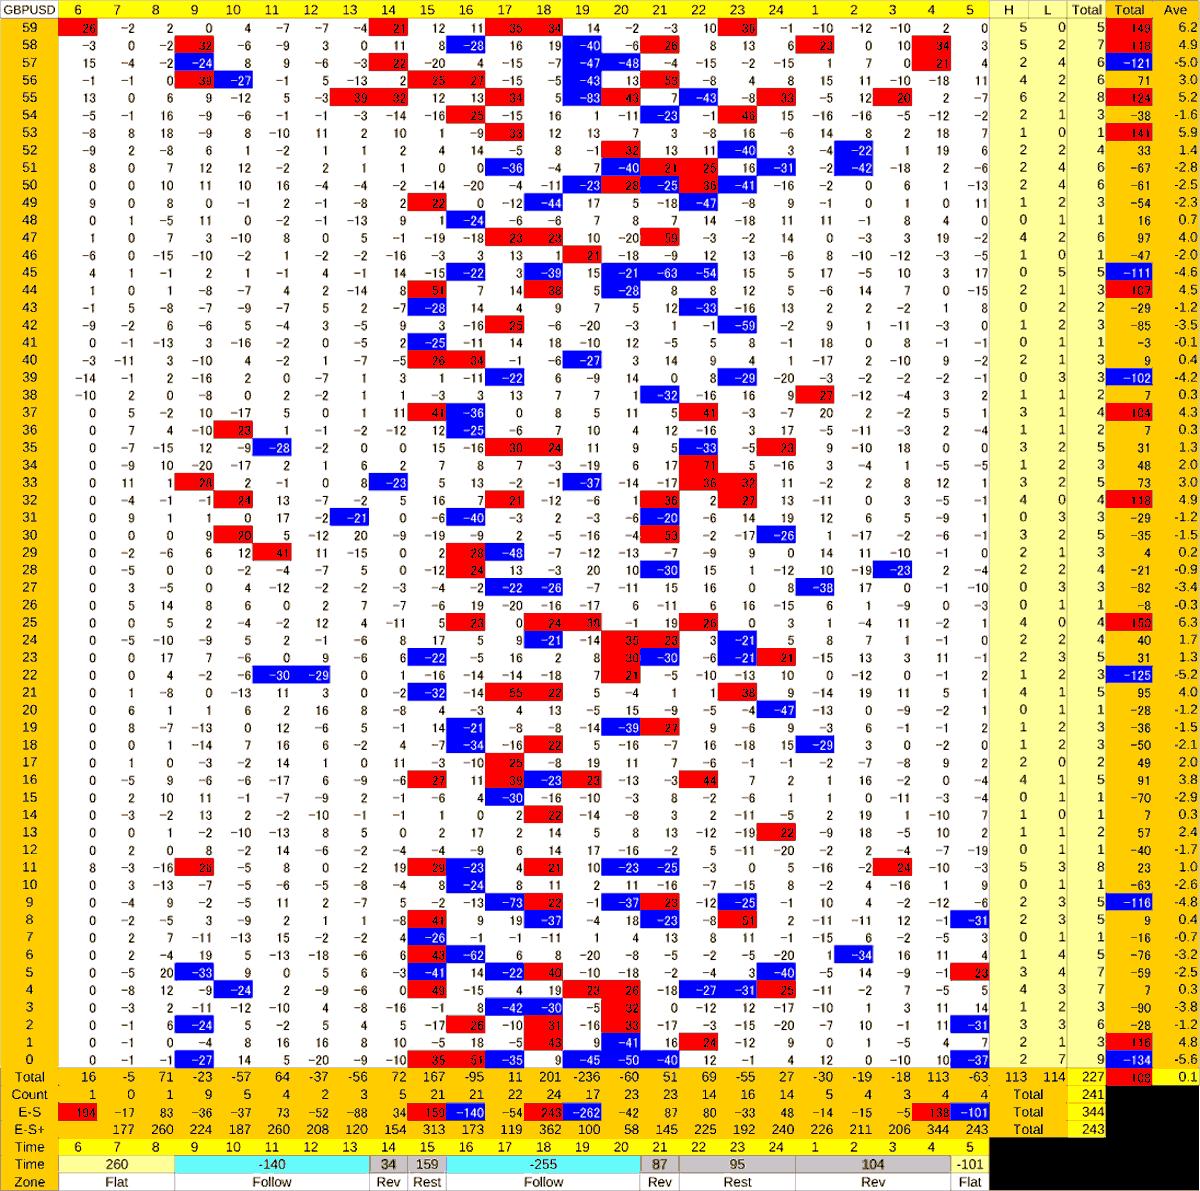 20200817_HS(2)GBPUSD